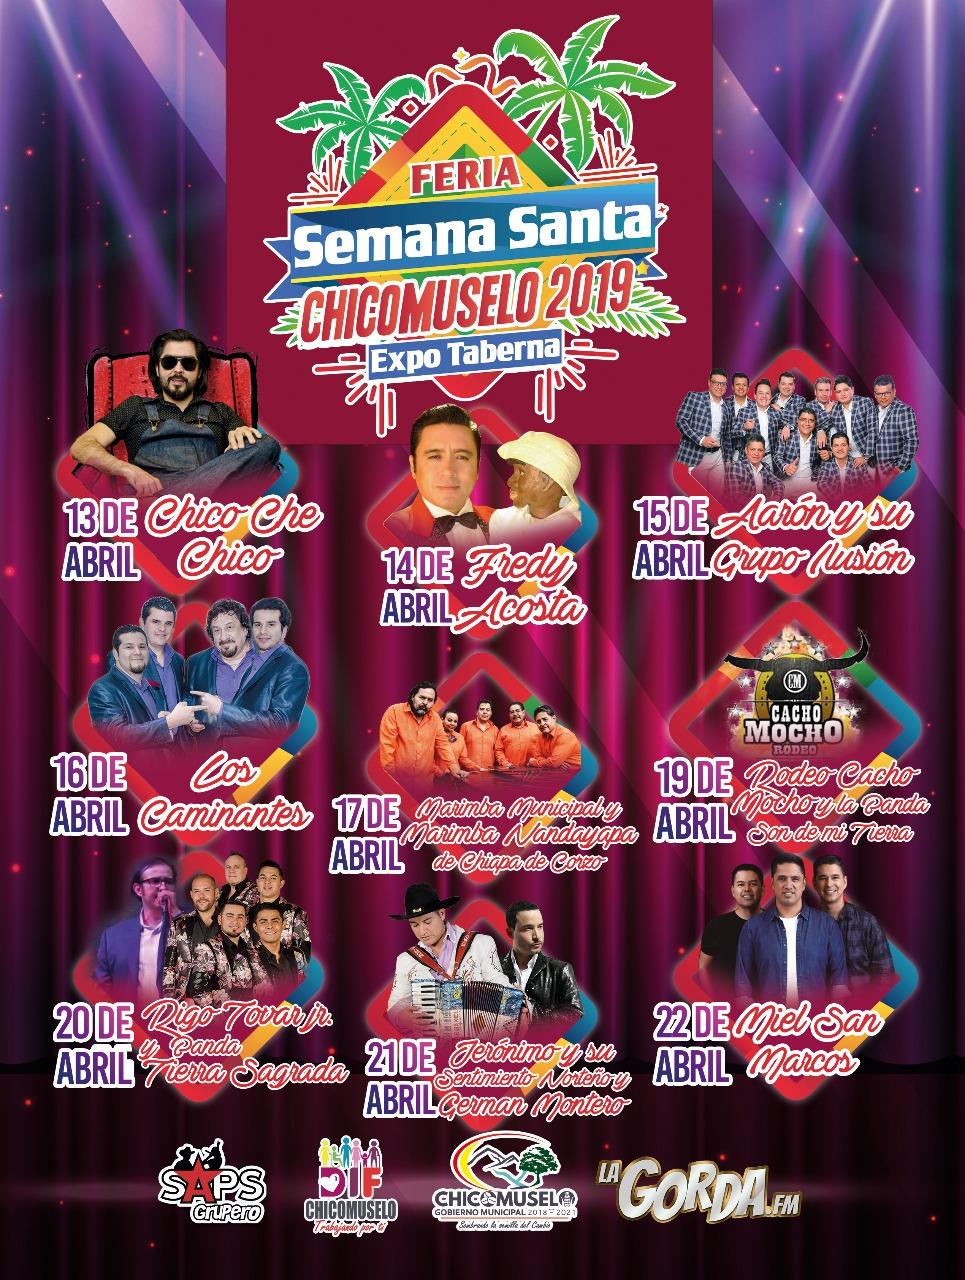 Feria Semana Santa Chicomuselo 2019, Cartelera Oficial